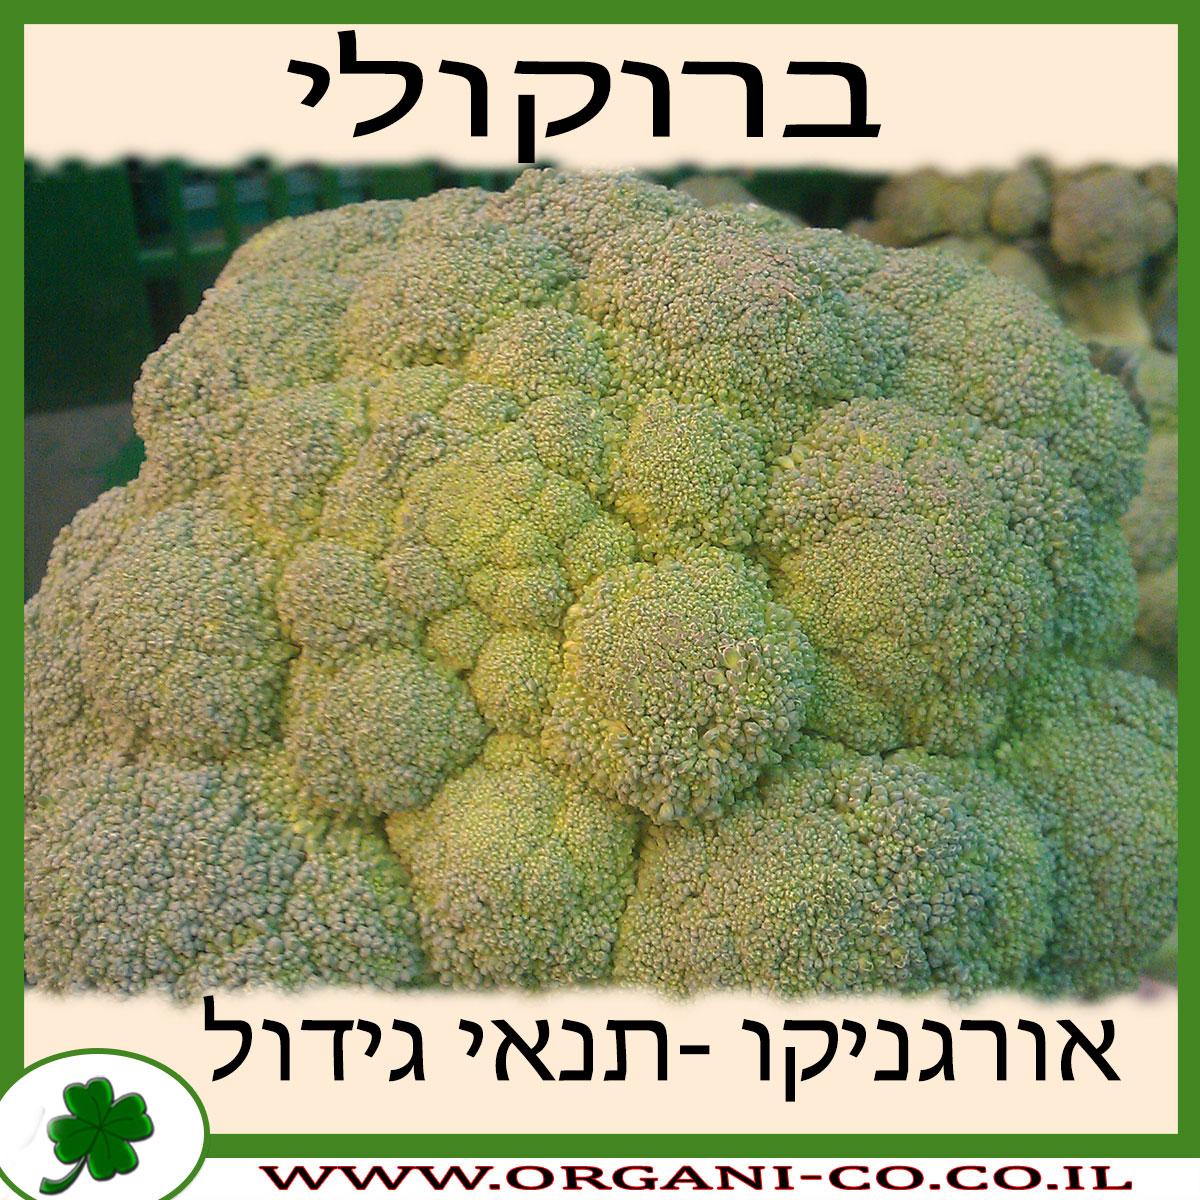 ברוקולי גידול צמח